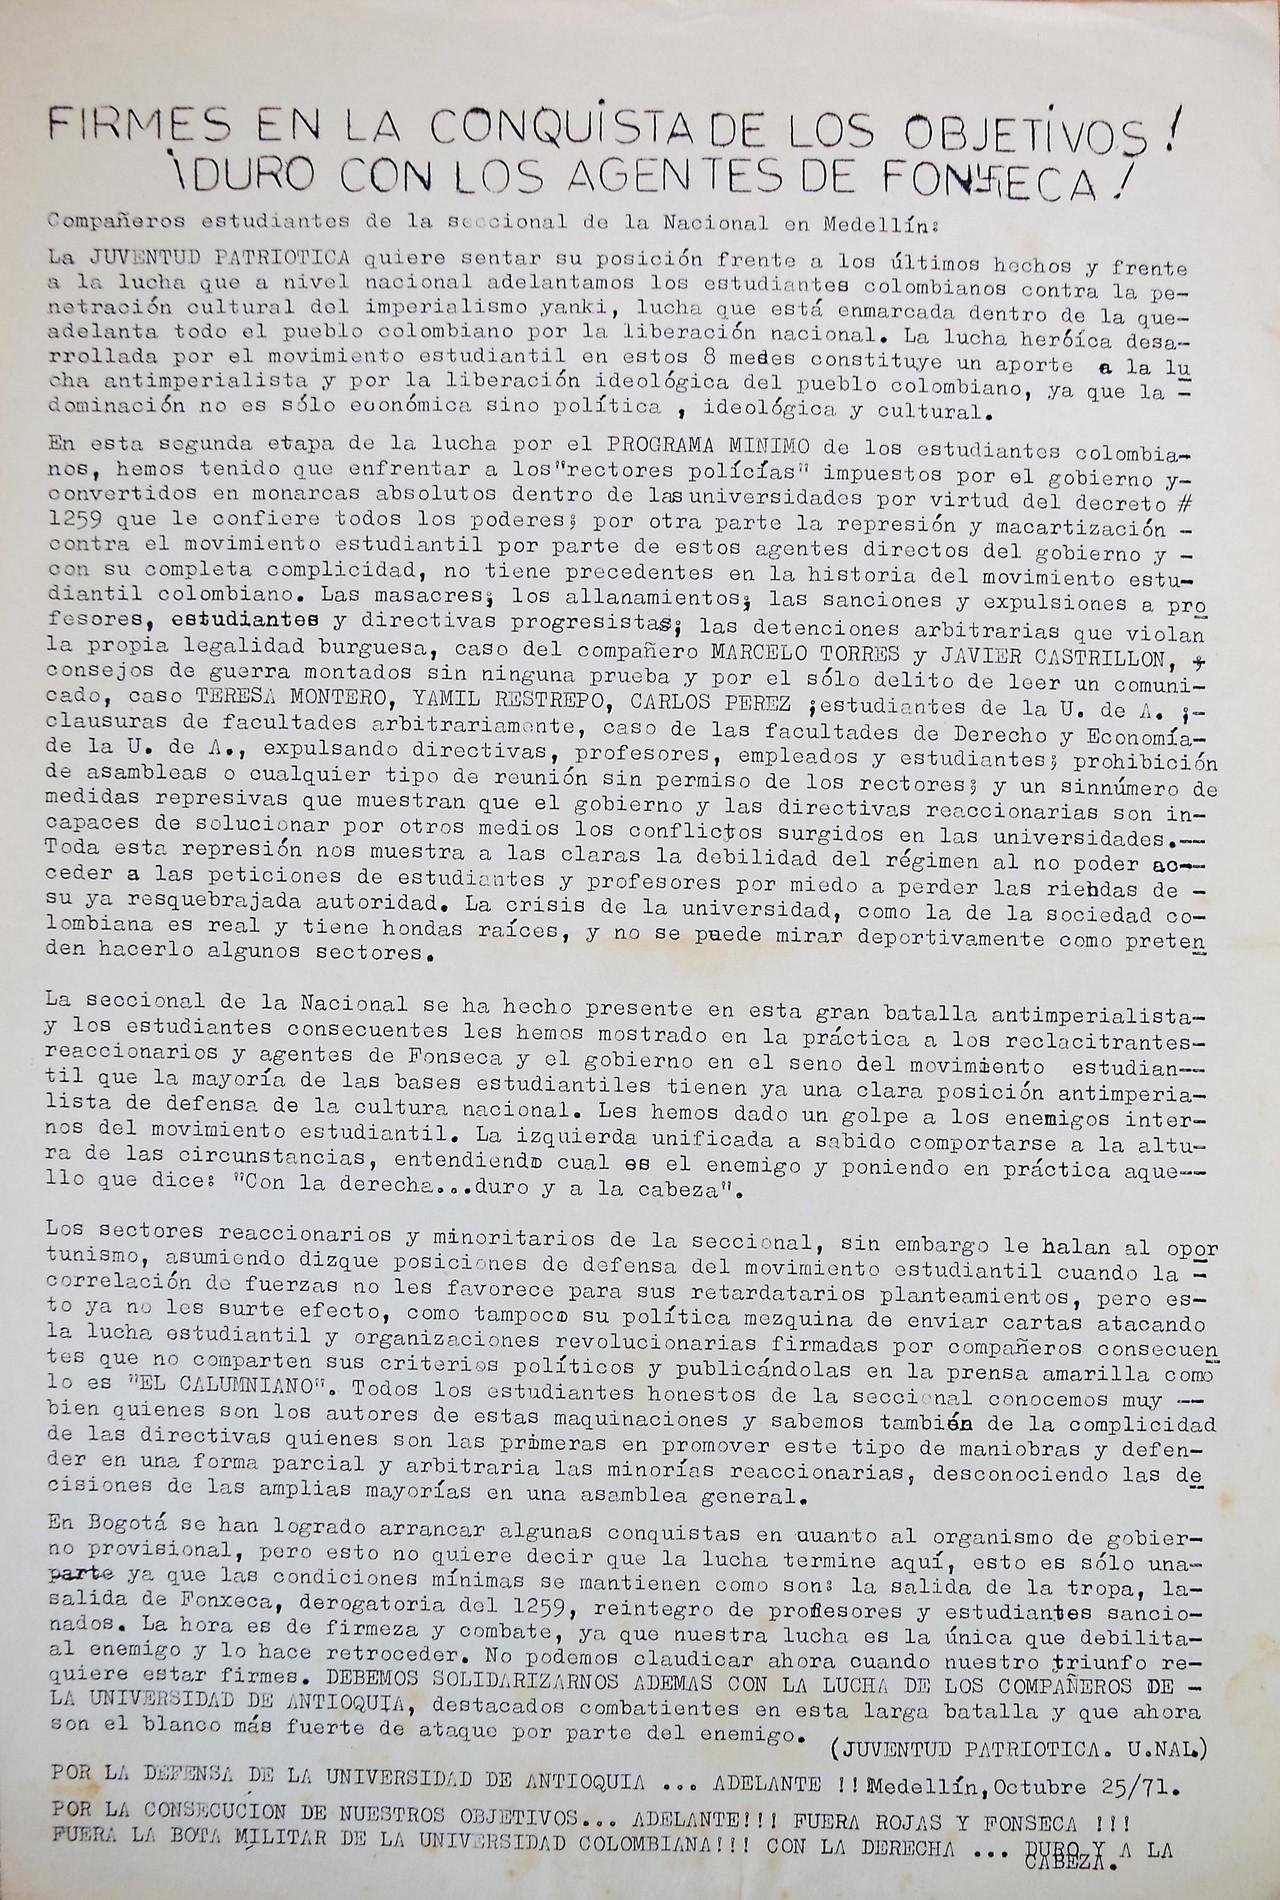 Imágenes vía El Colombiano y Archivo de la Oficina Estudiantil de la Universidad Nacional sede Medellín